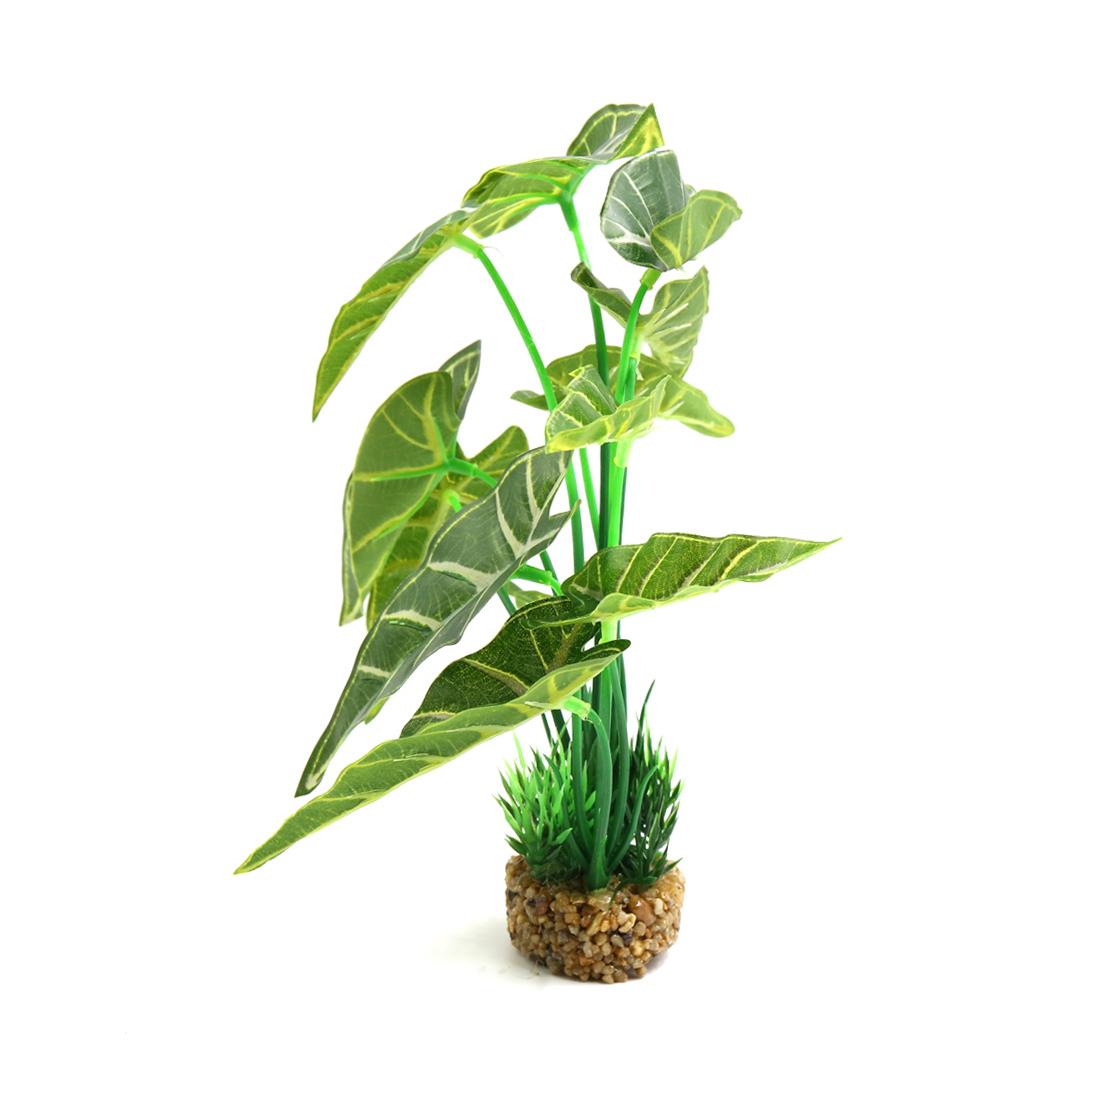 Vert Plante en plastique Décor d'aquarium Paysage pour poisson rouge et Betta 2